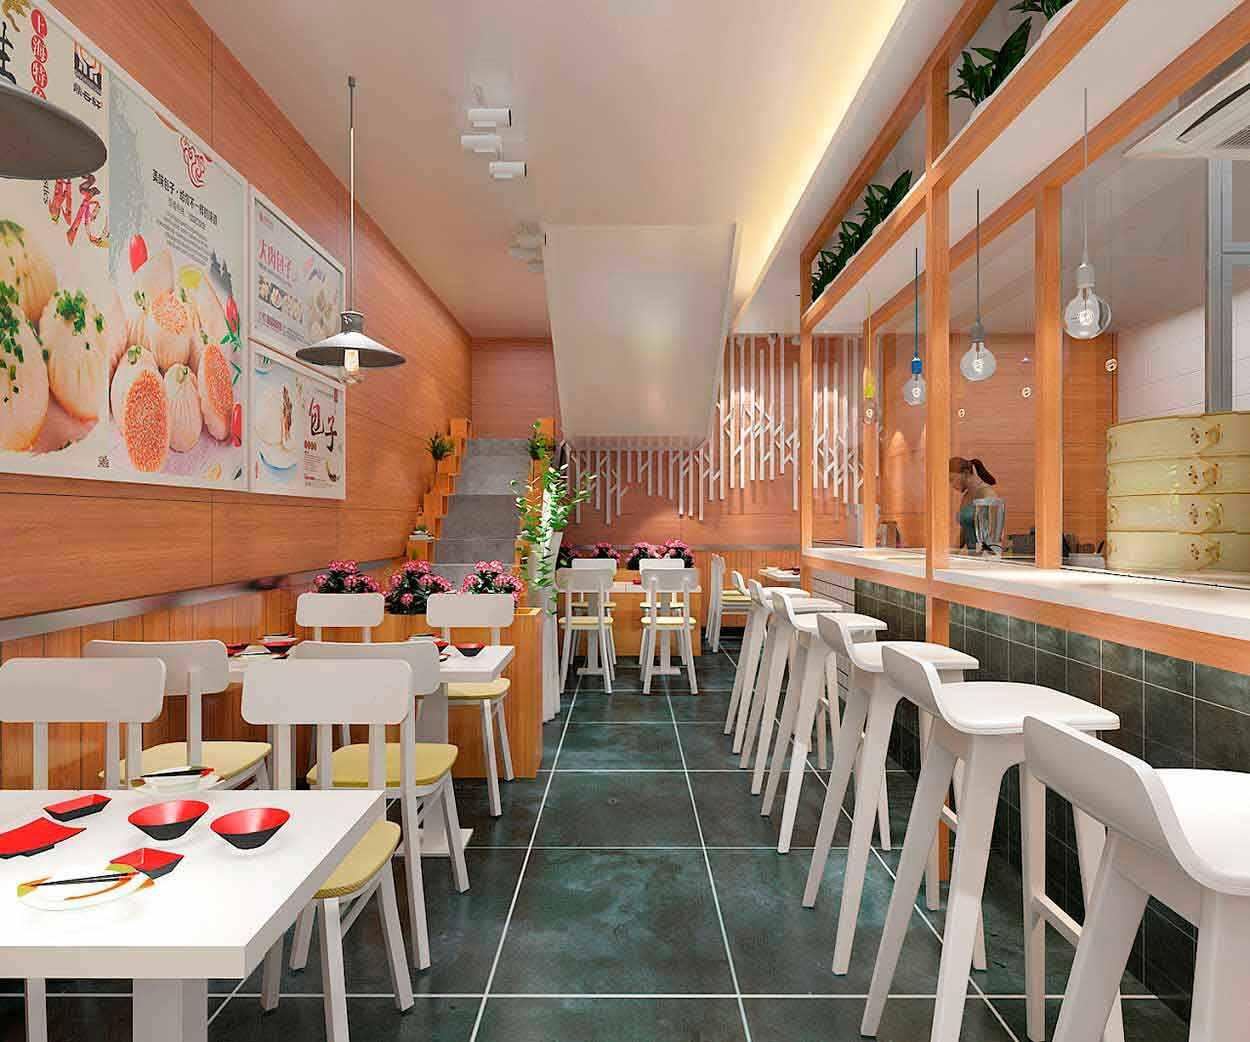 餐饮店设计|加盟店空间设计-功夫大包SI形象设计